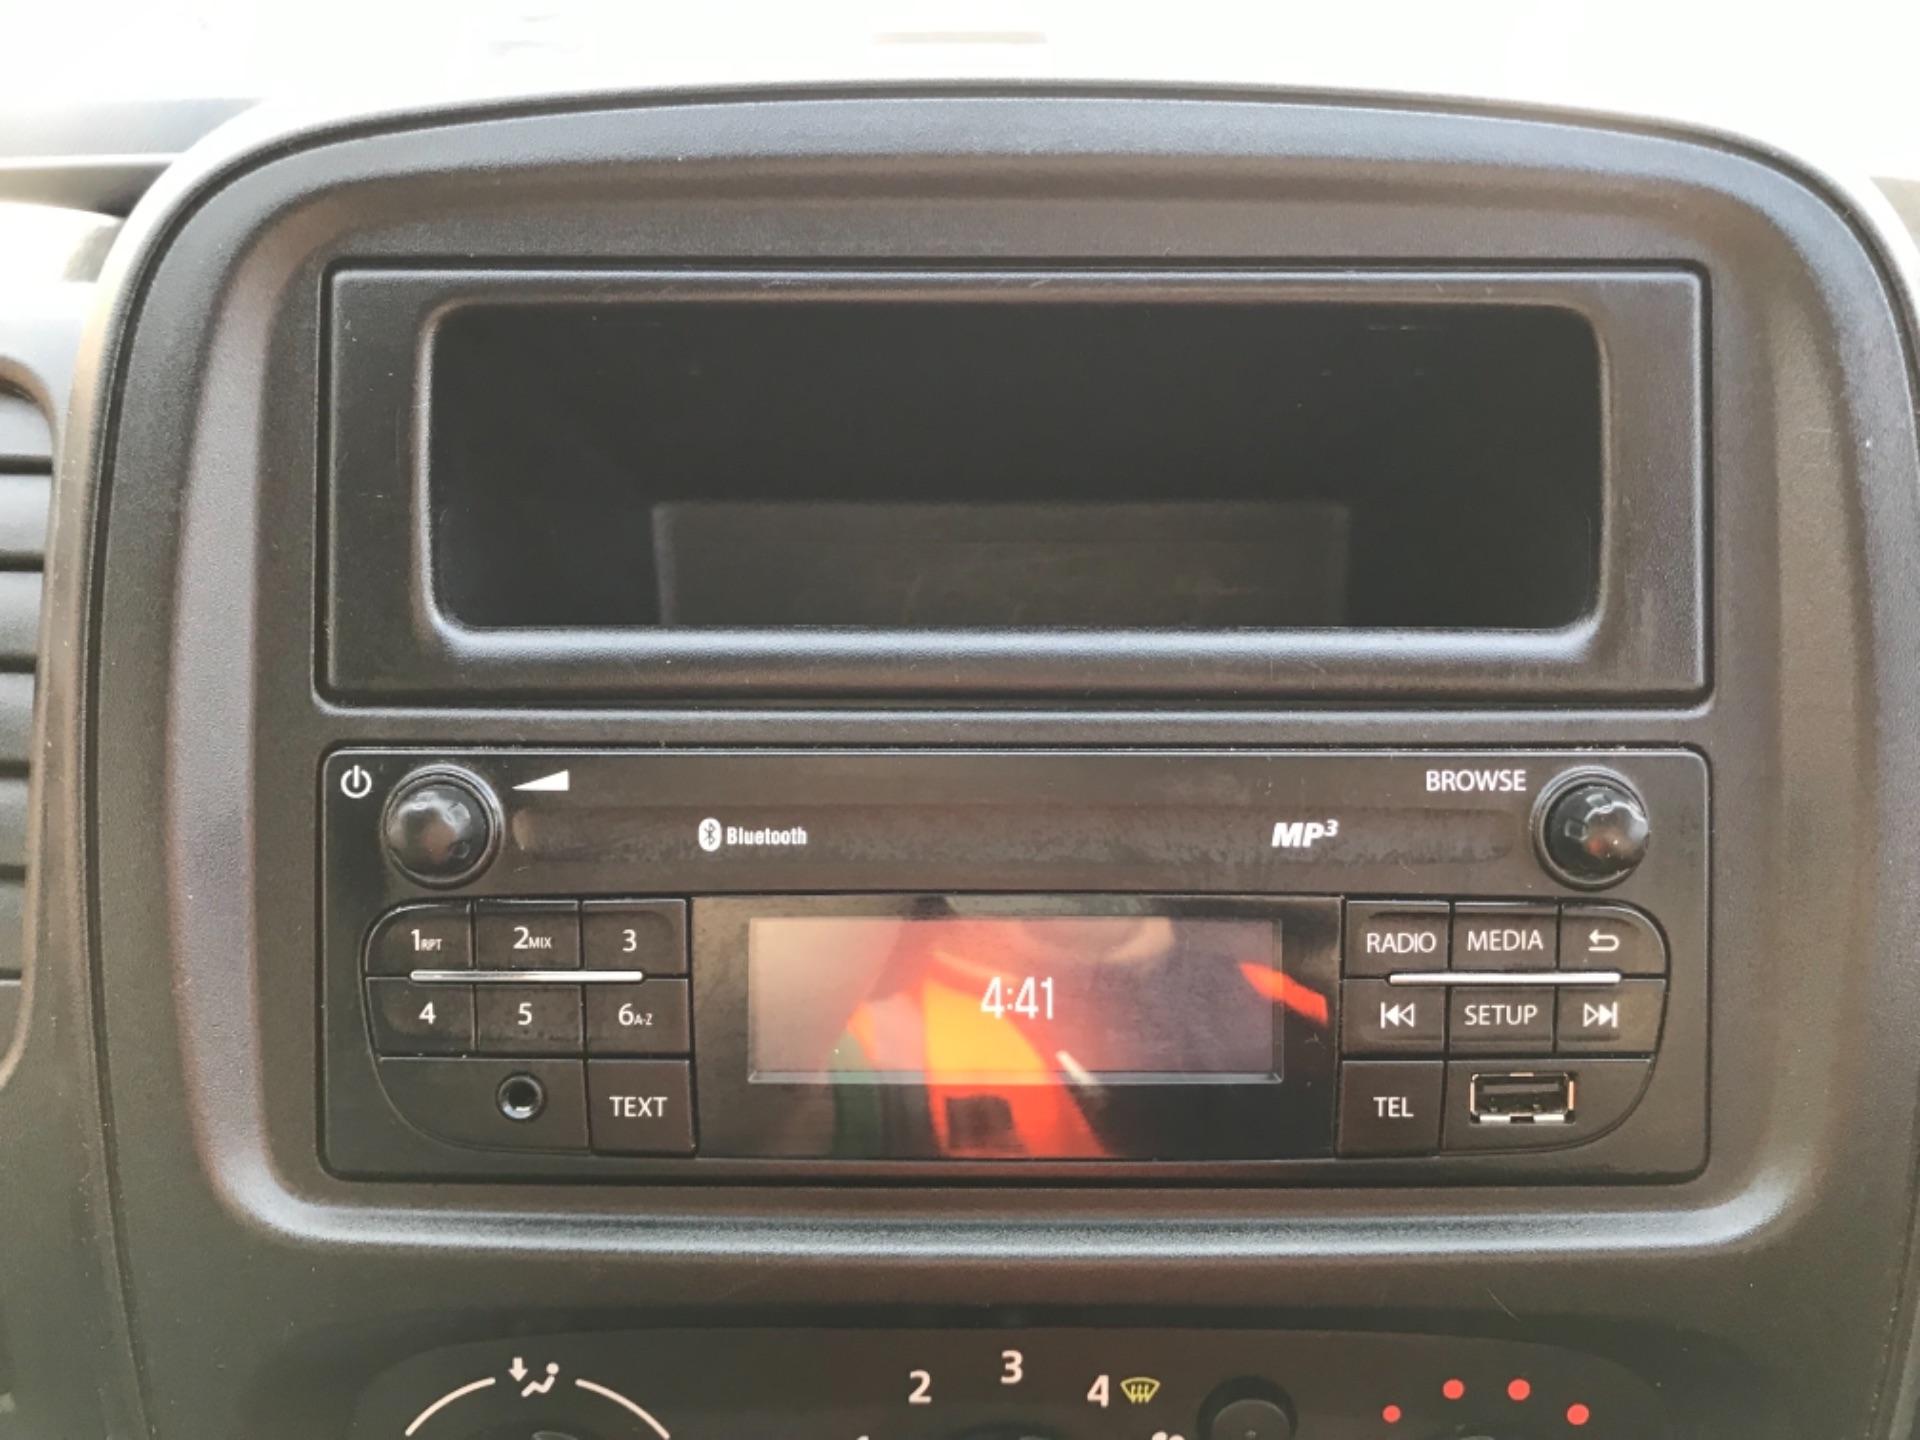 2017 Vauxhall Vivaro 2900 1.6Cdti Biturbo 125Ps H1 Combi 9 Seat EURO 6  (DY17USB) Image 17